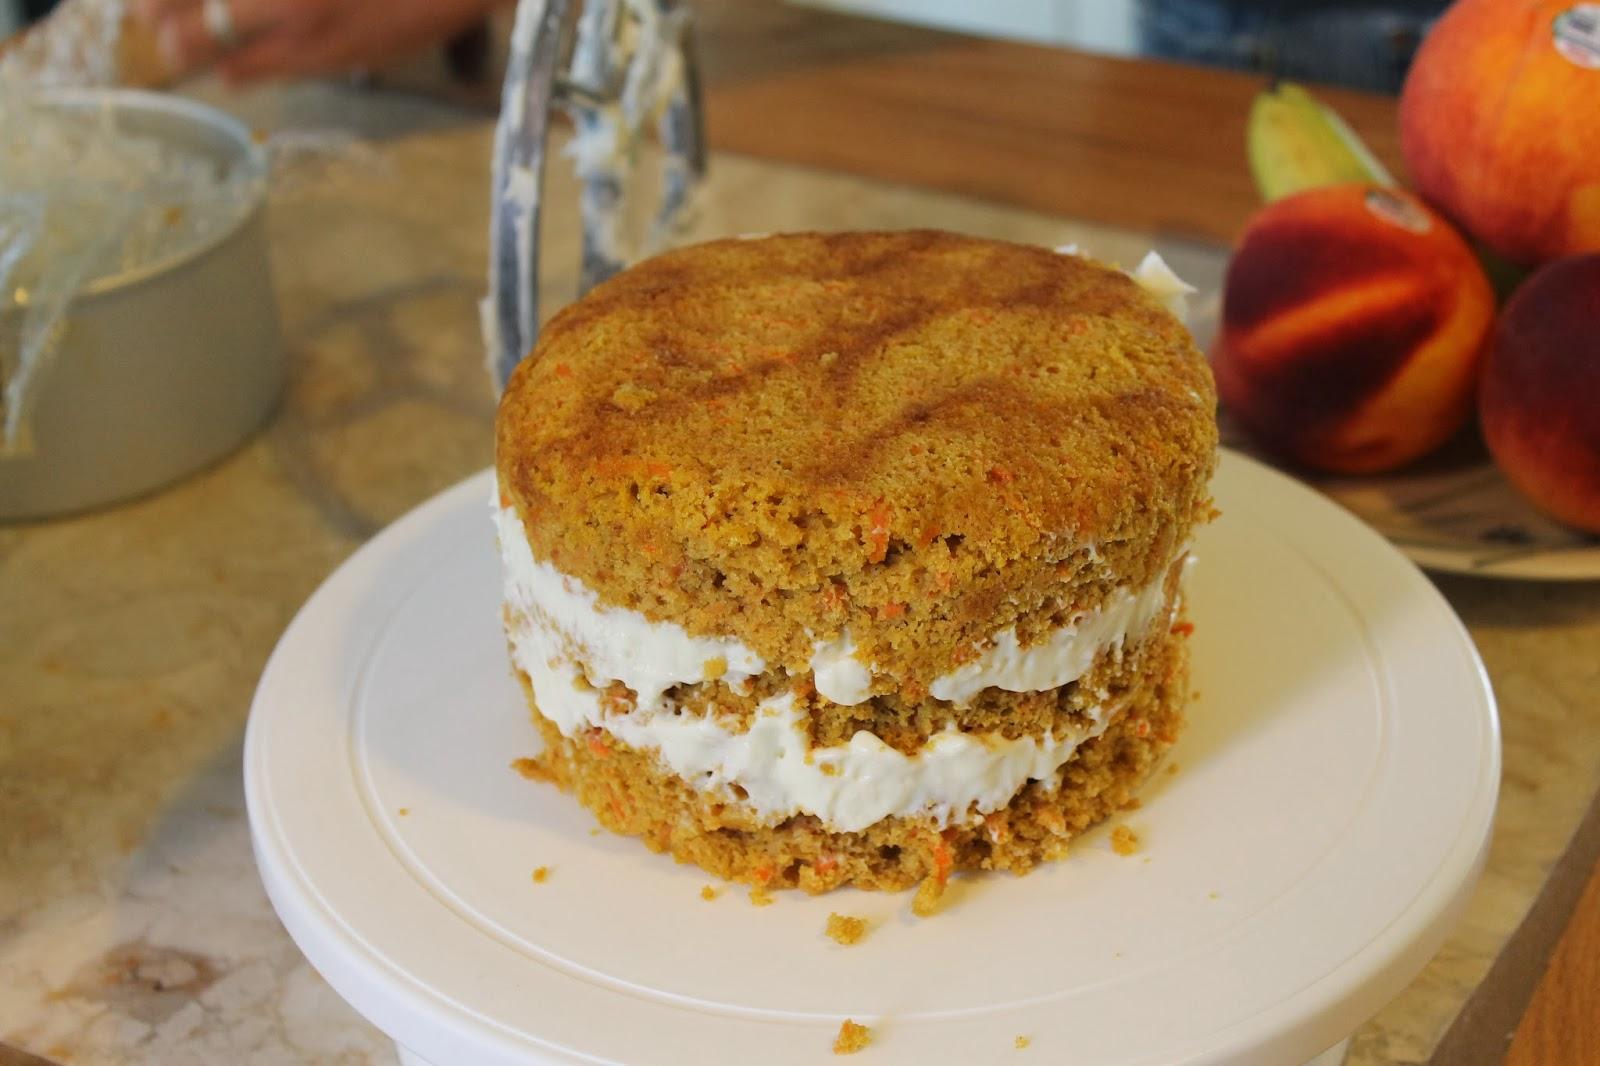 LaLa Cake: Perfectly Level Layered Cake! (Momofuku Style)